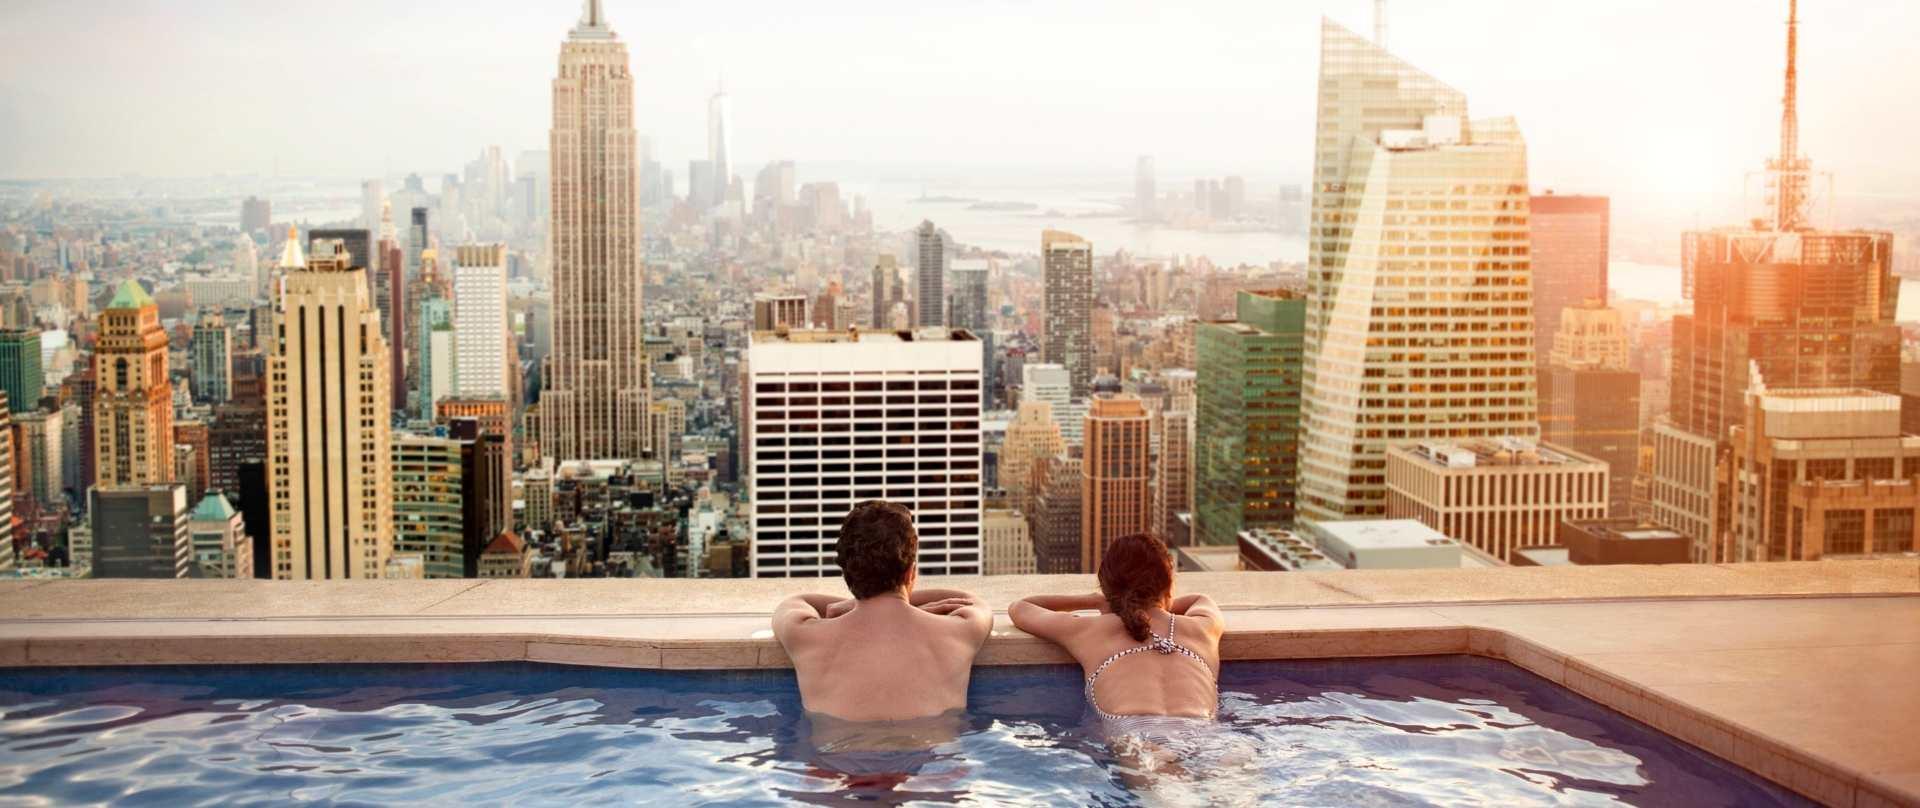 Paar in einem Rooftop-Pool in New York